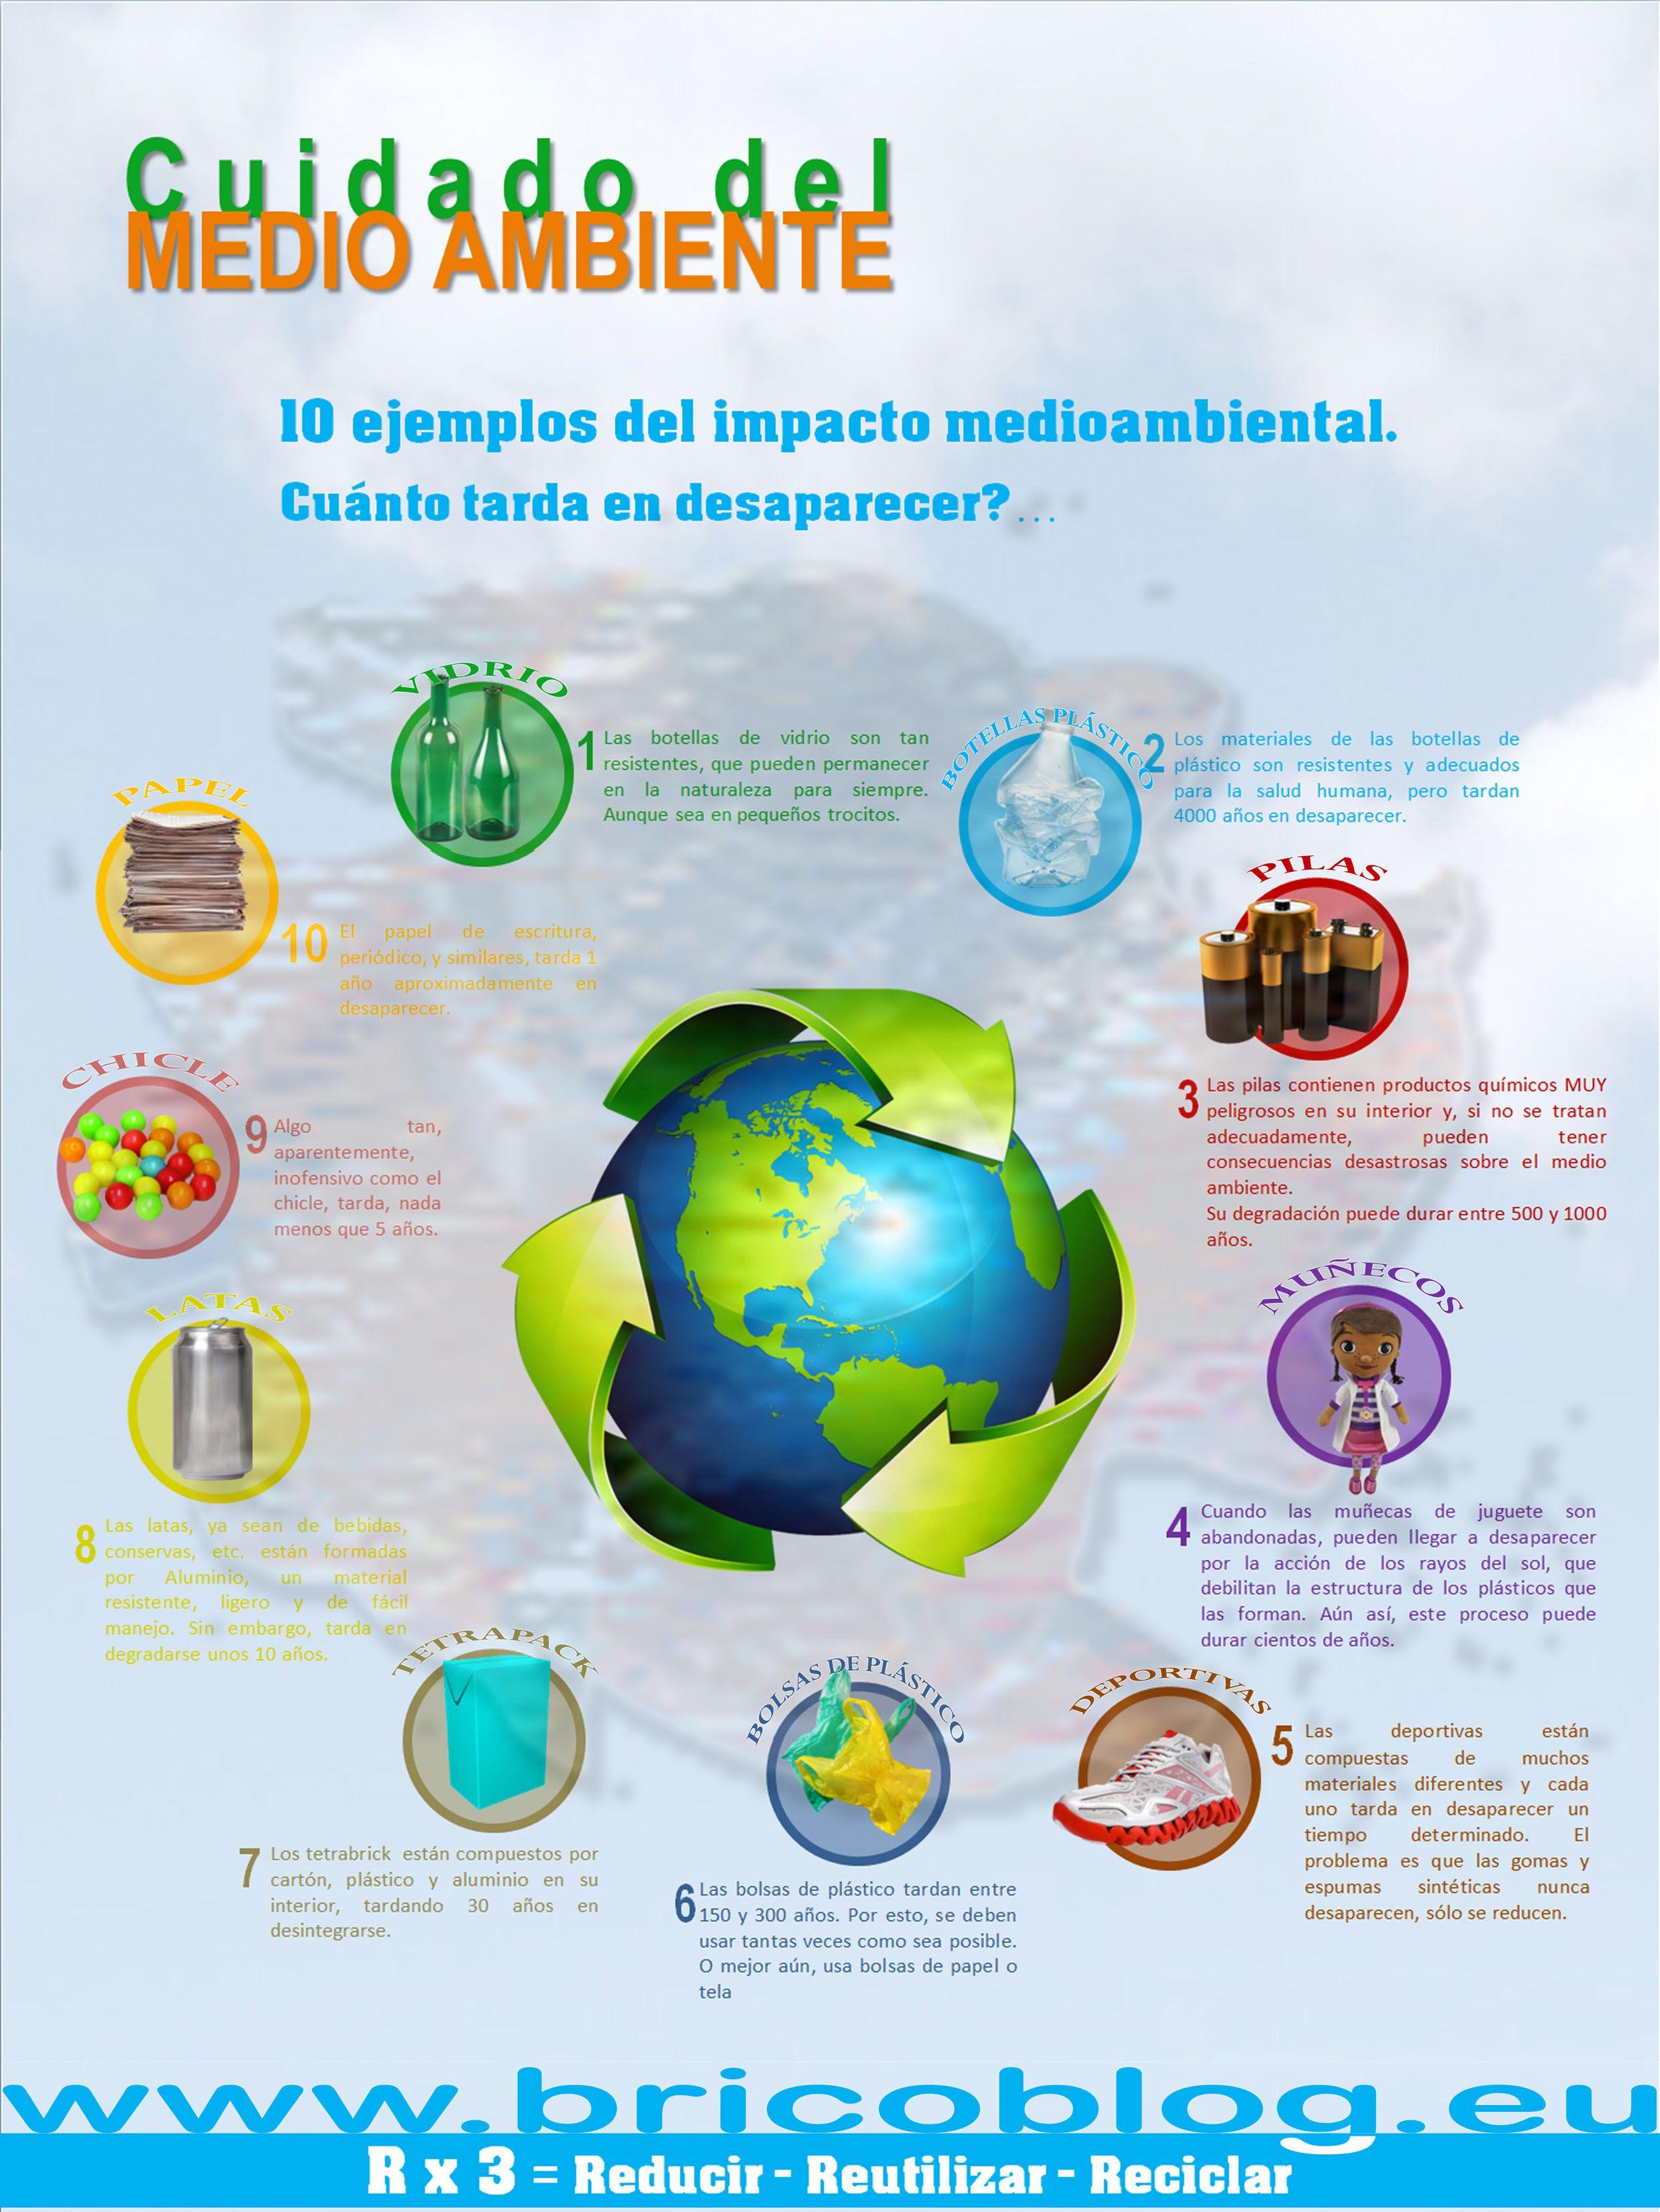 38 Consejos Para Cuidar El Medio Ambiente Bricoblog Cuidado